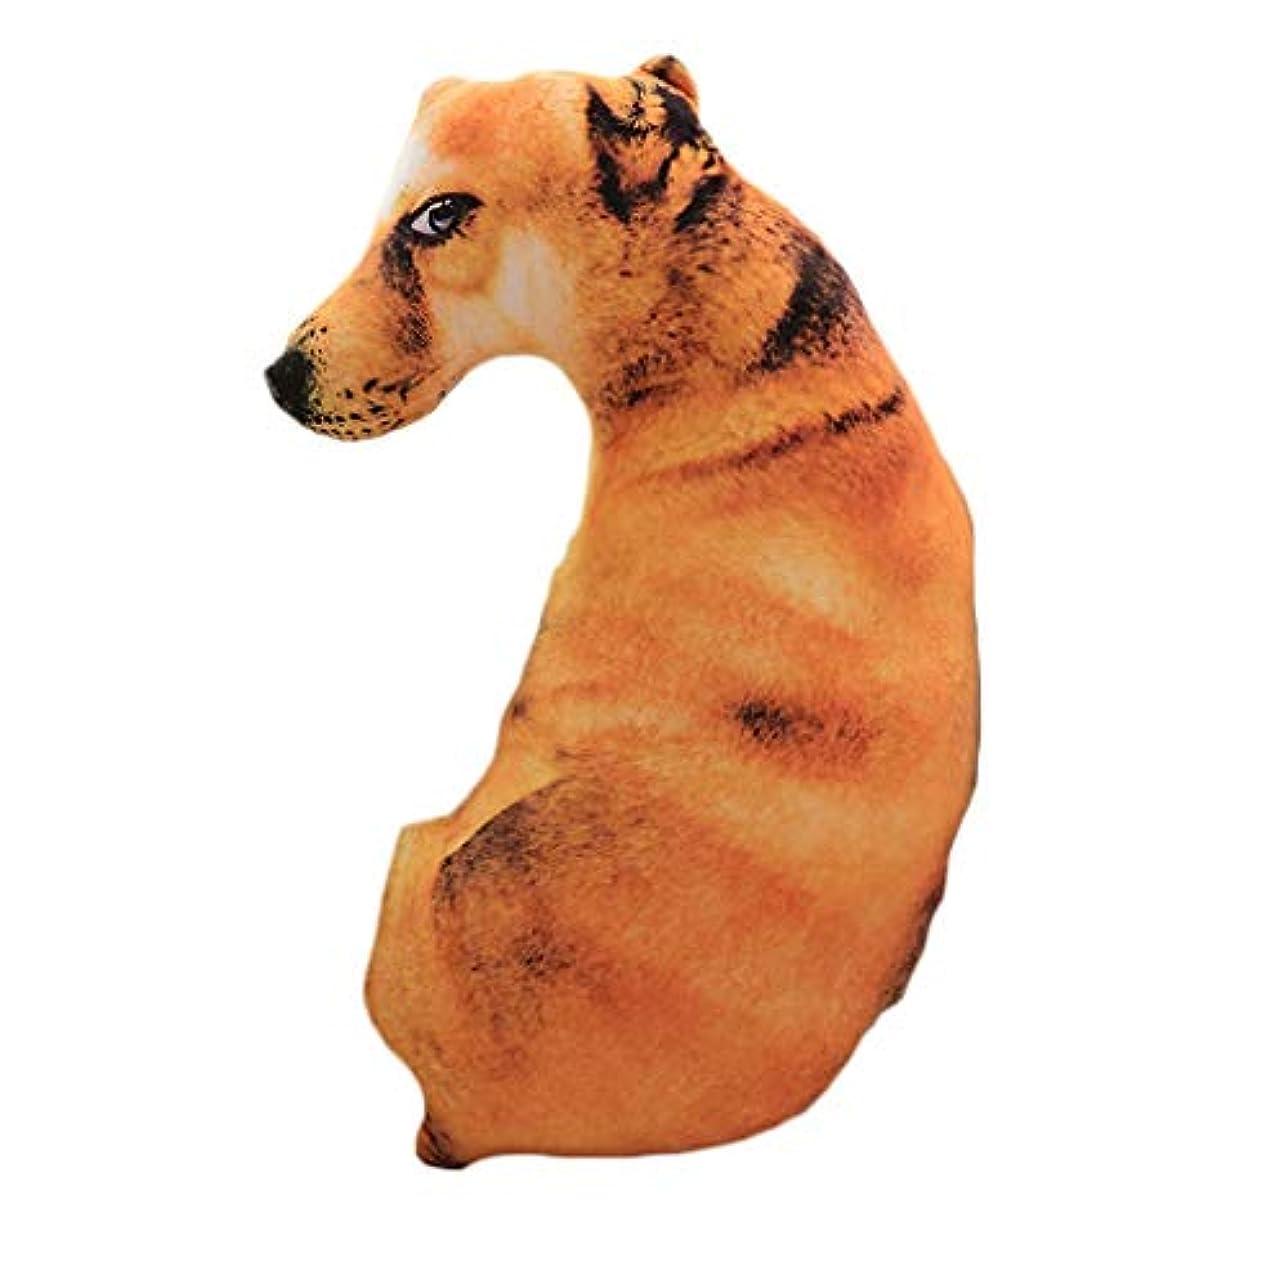 友だち周辺マーキングLIFE 装飾クッションソファおかしい 3D 犬印刷スロー枕創造クッションかわいいぬいぐるみギフト家の装飾 coussin decoratif クッション 椅子